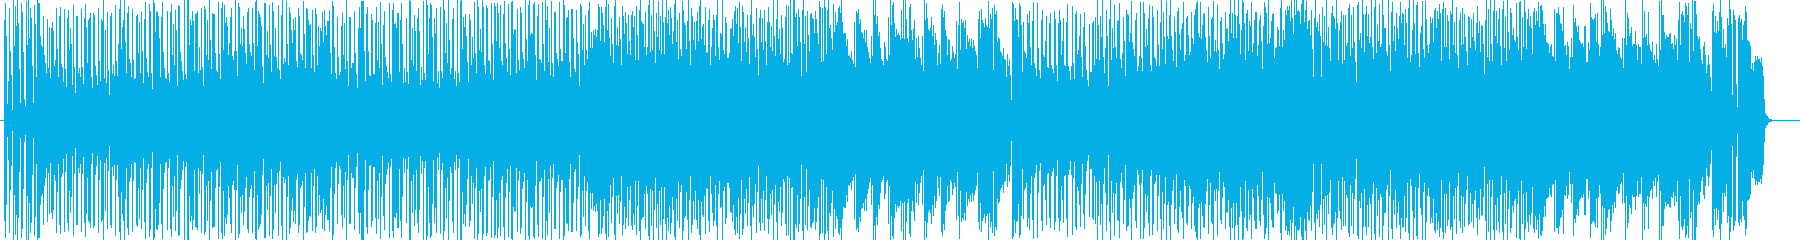 躍動感のあるシンセサイザーサウンドの再生済みの波形